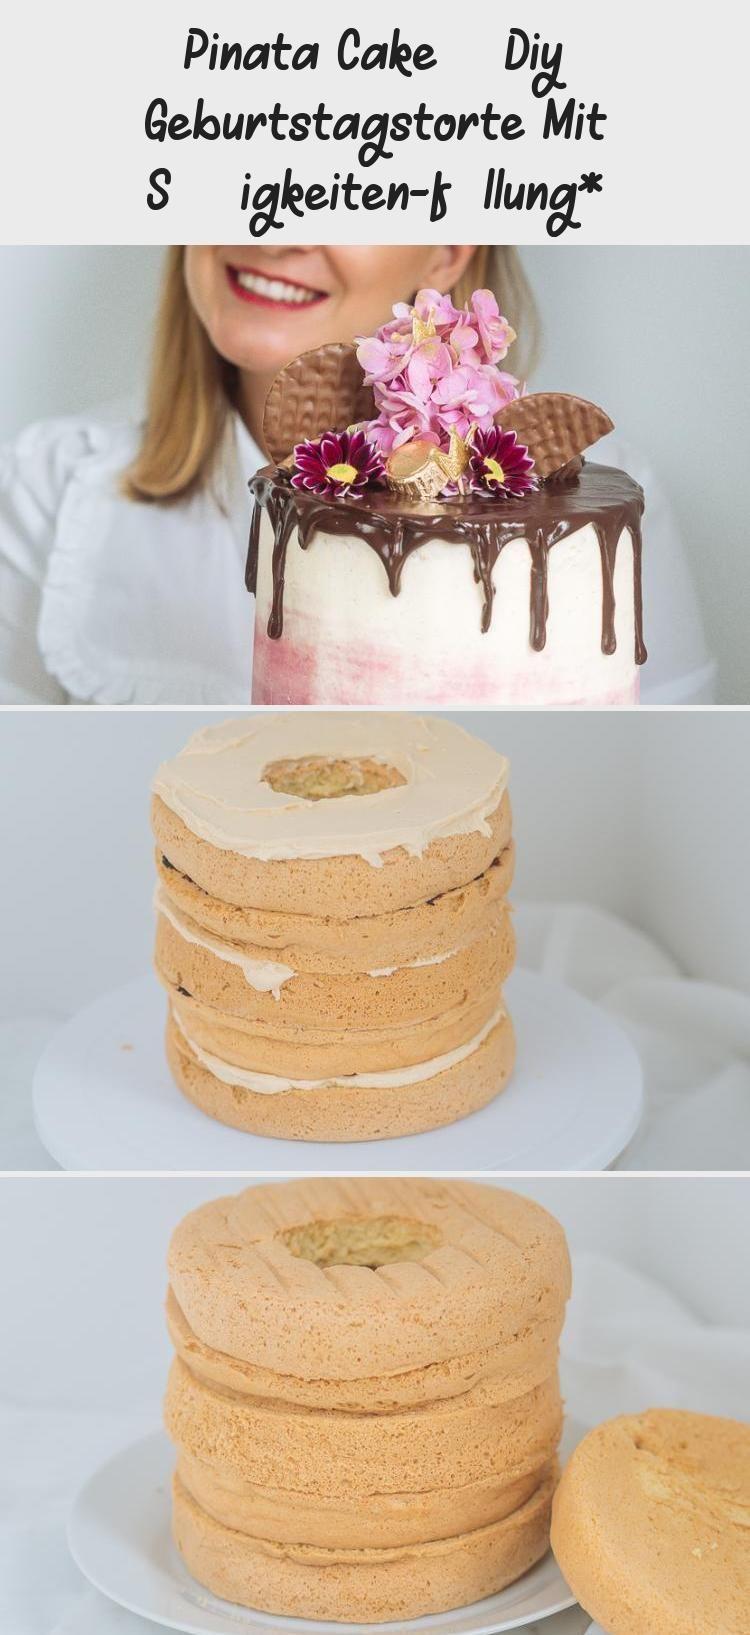 Photo of Pinata Cake – DIY Geburtstagstorte mit Süßigkeitenfüllung *, Überraschung in…